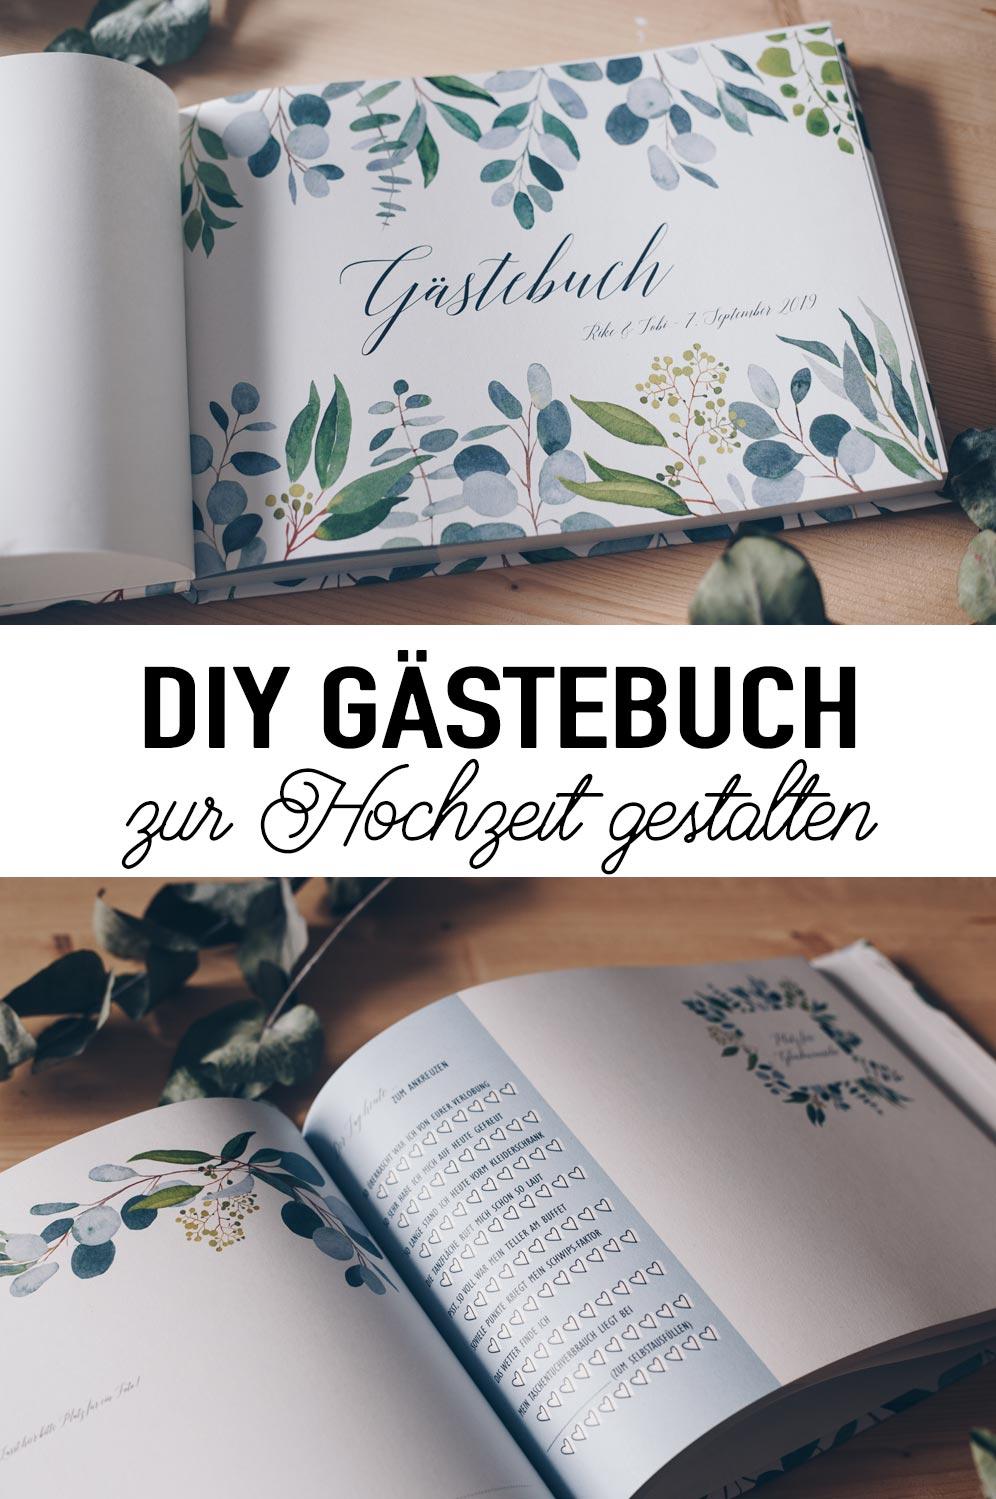 DIY Gästebuch zur Hochzeit gestalten